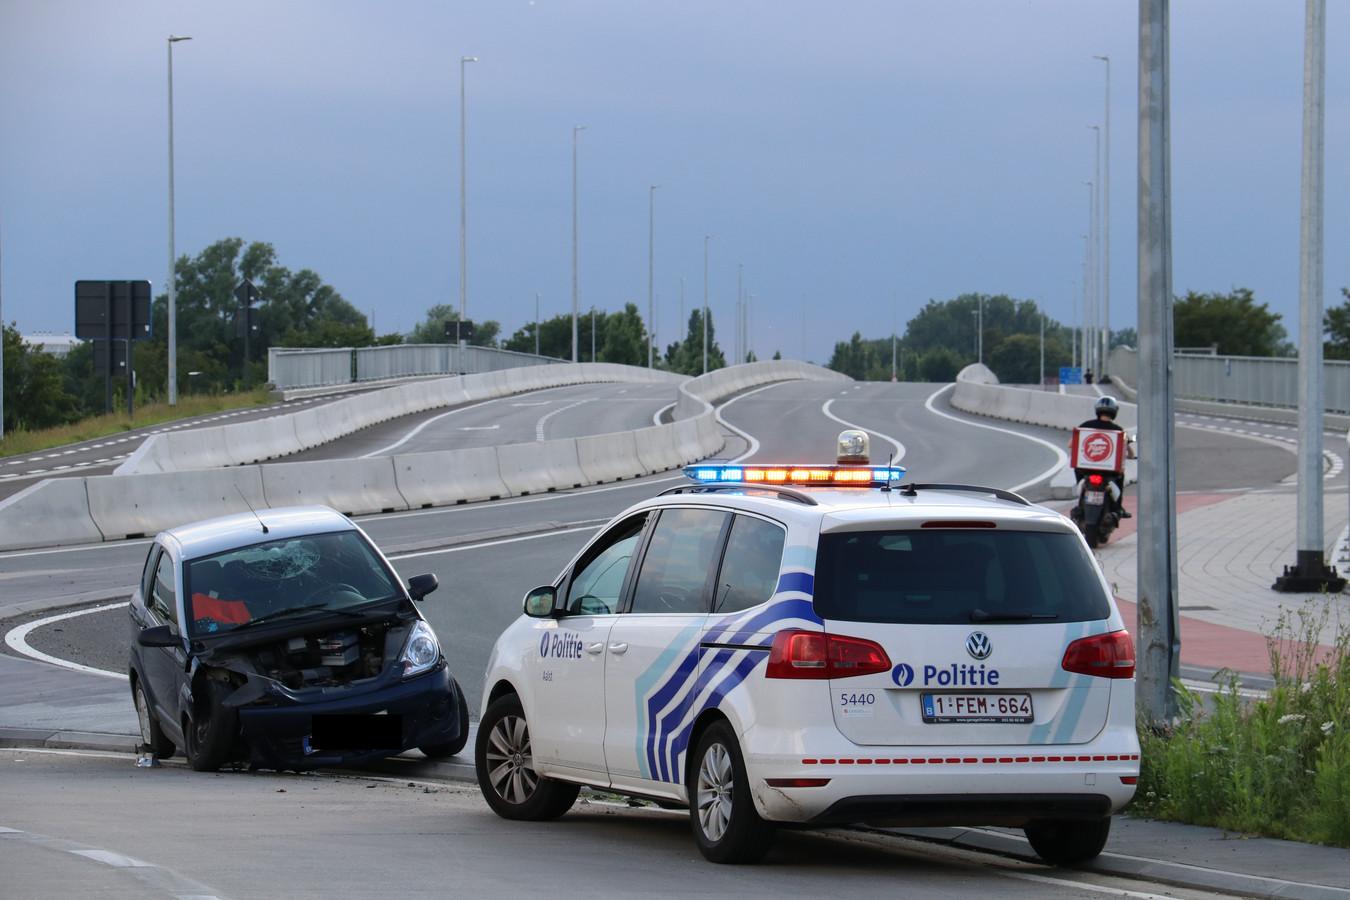 Het ongeval gebeurde aan de rotonde.